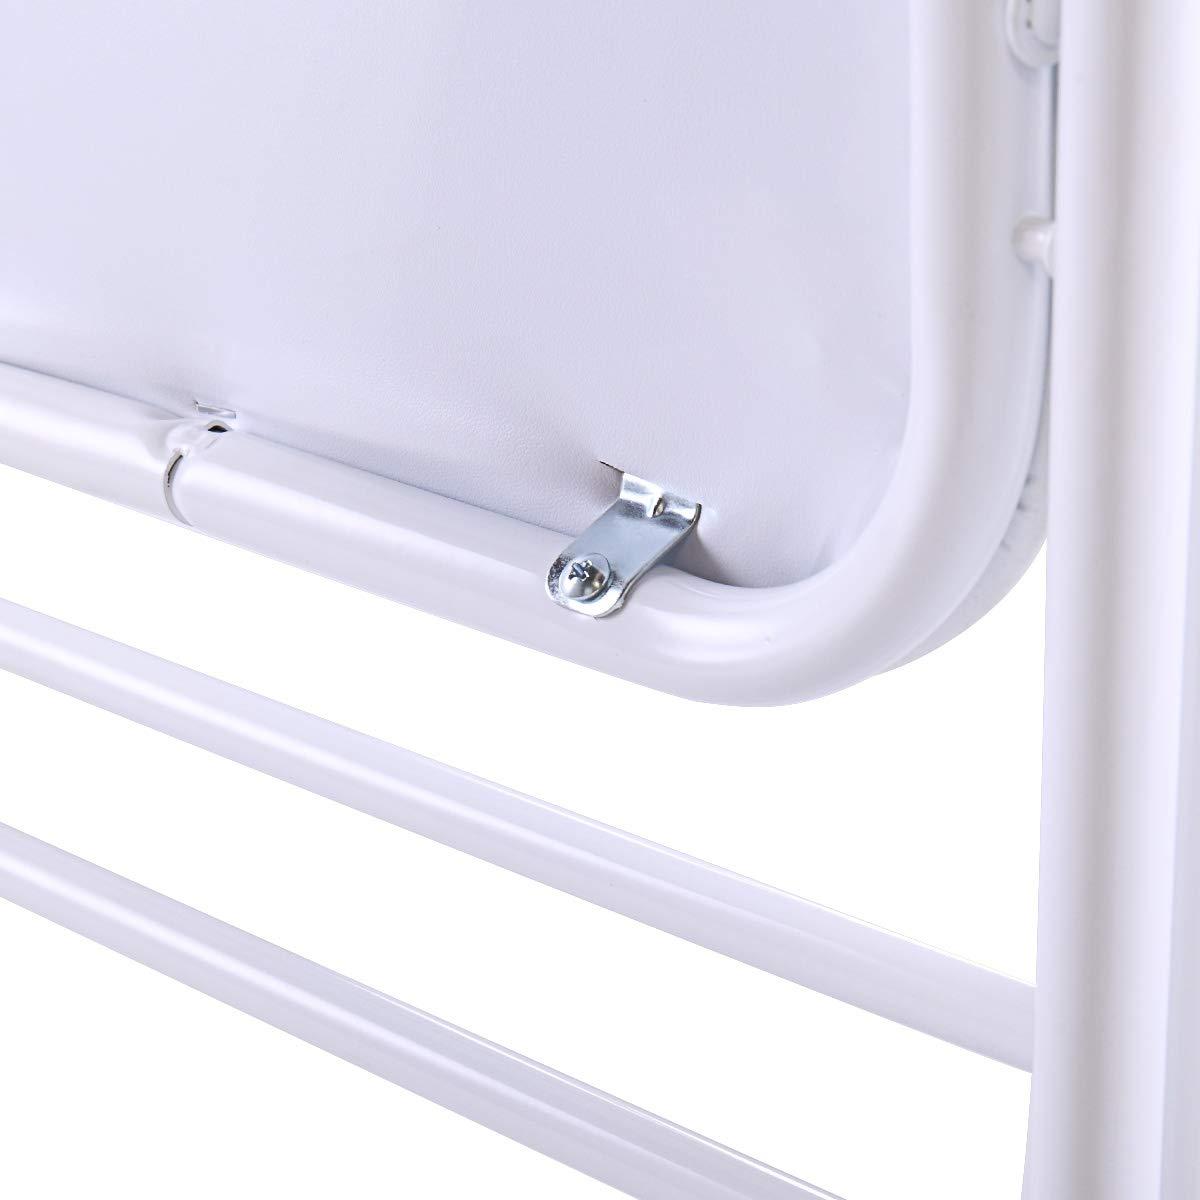 Amazon.com: Tobbi - Silla de plástico plegable apilable para ...